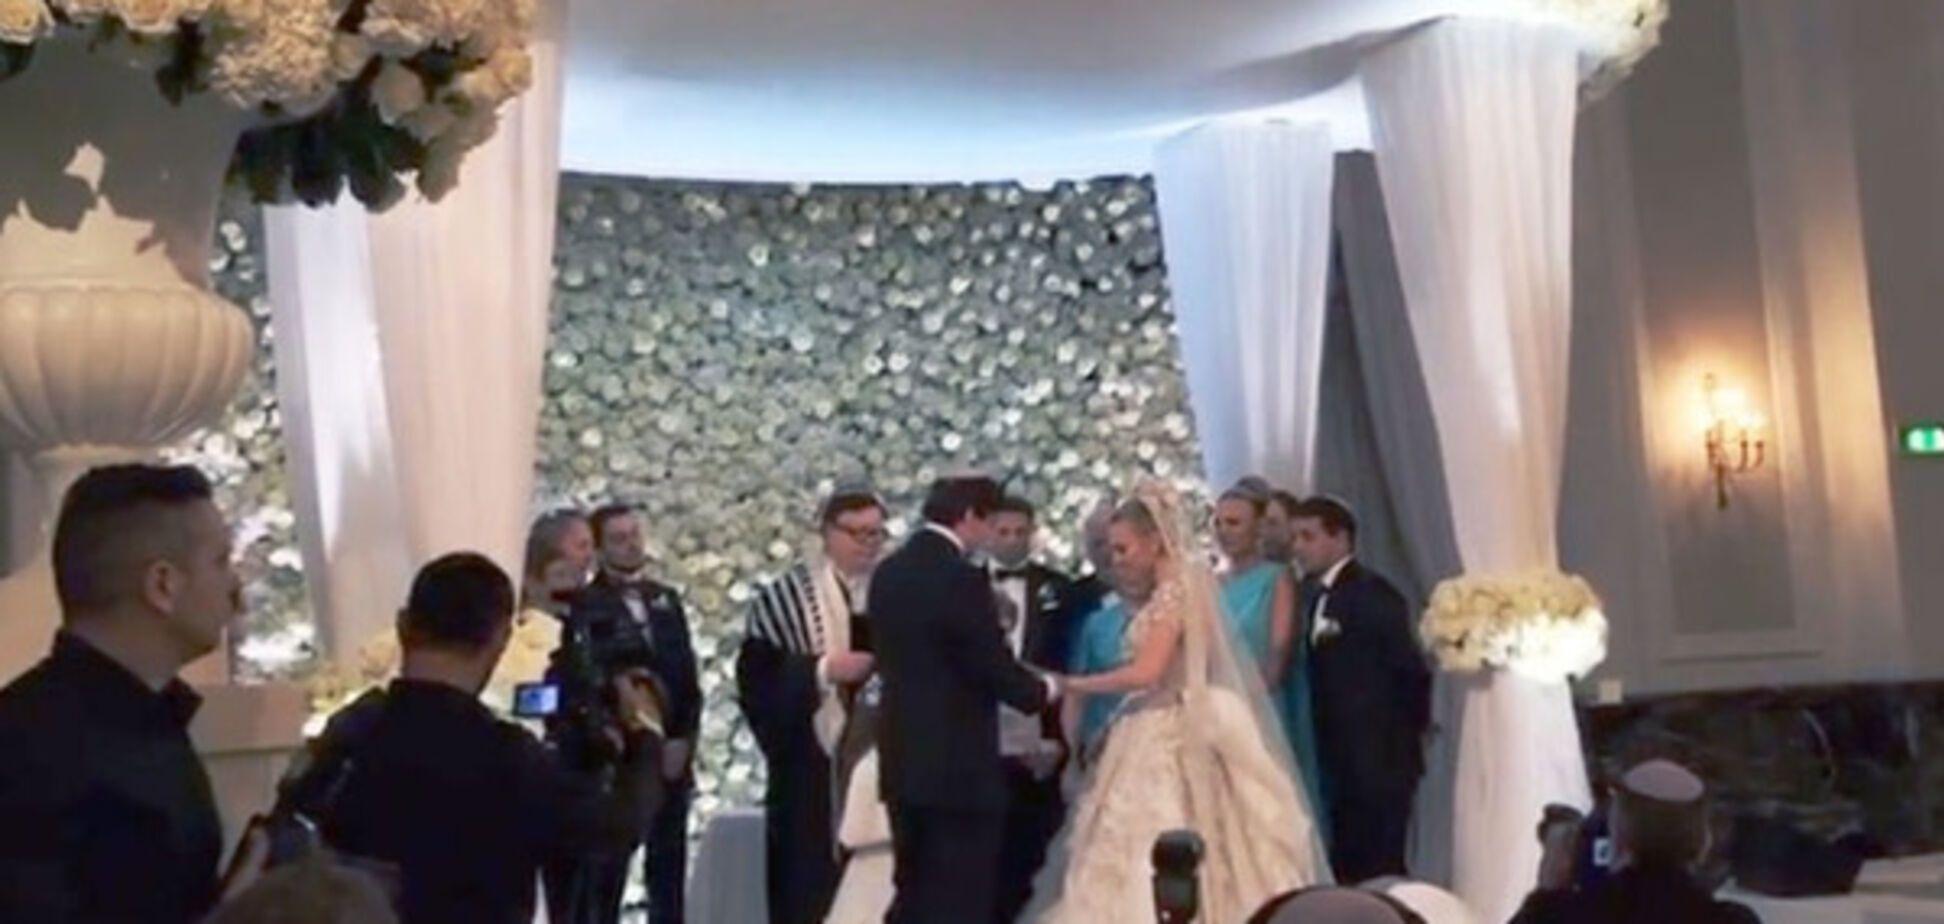 Свадьба века: российский олигарх 'купил' для внучки Элтона Джона, Мэрайю Кэри и Антонио Бандераса